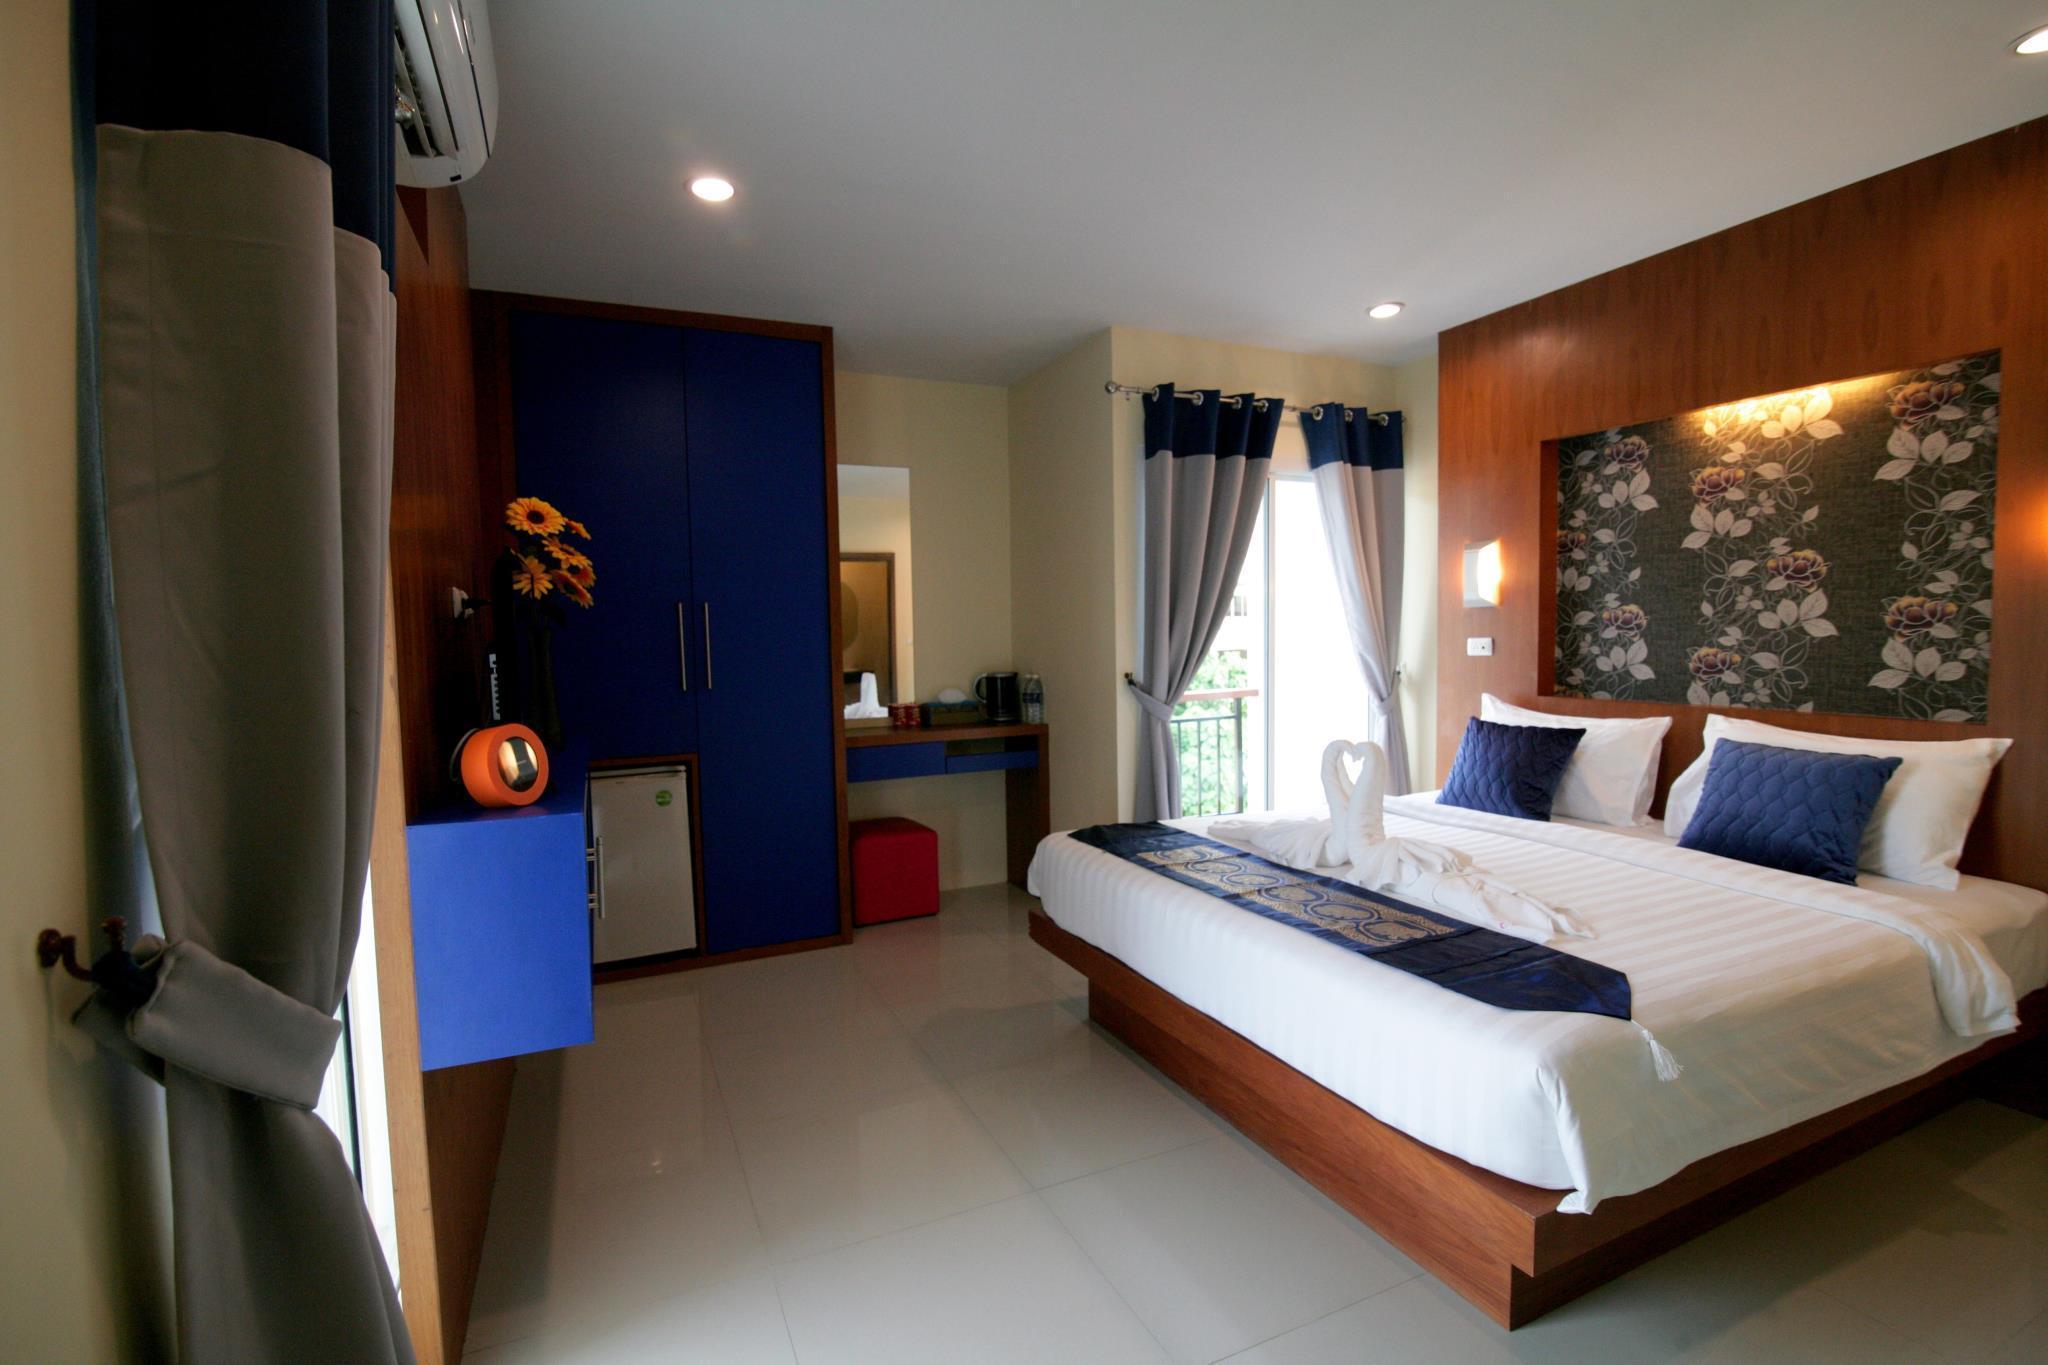 Calypso Patong Hotel โรงแรมคาลิปโซ ป่าตอง